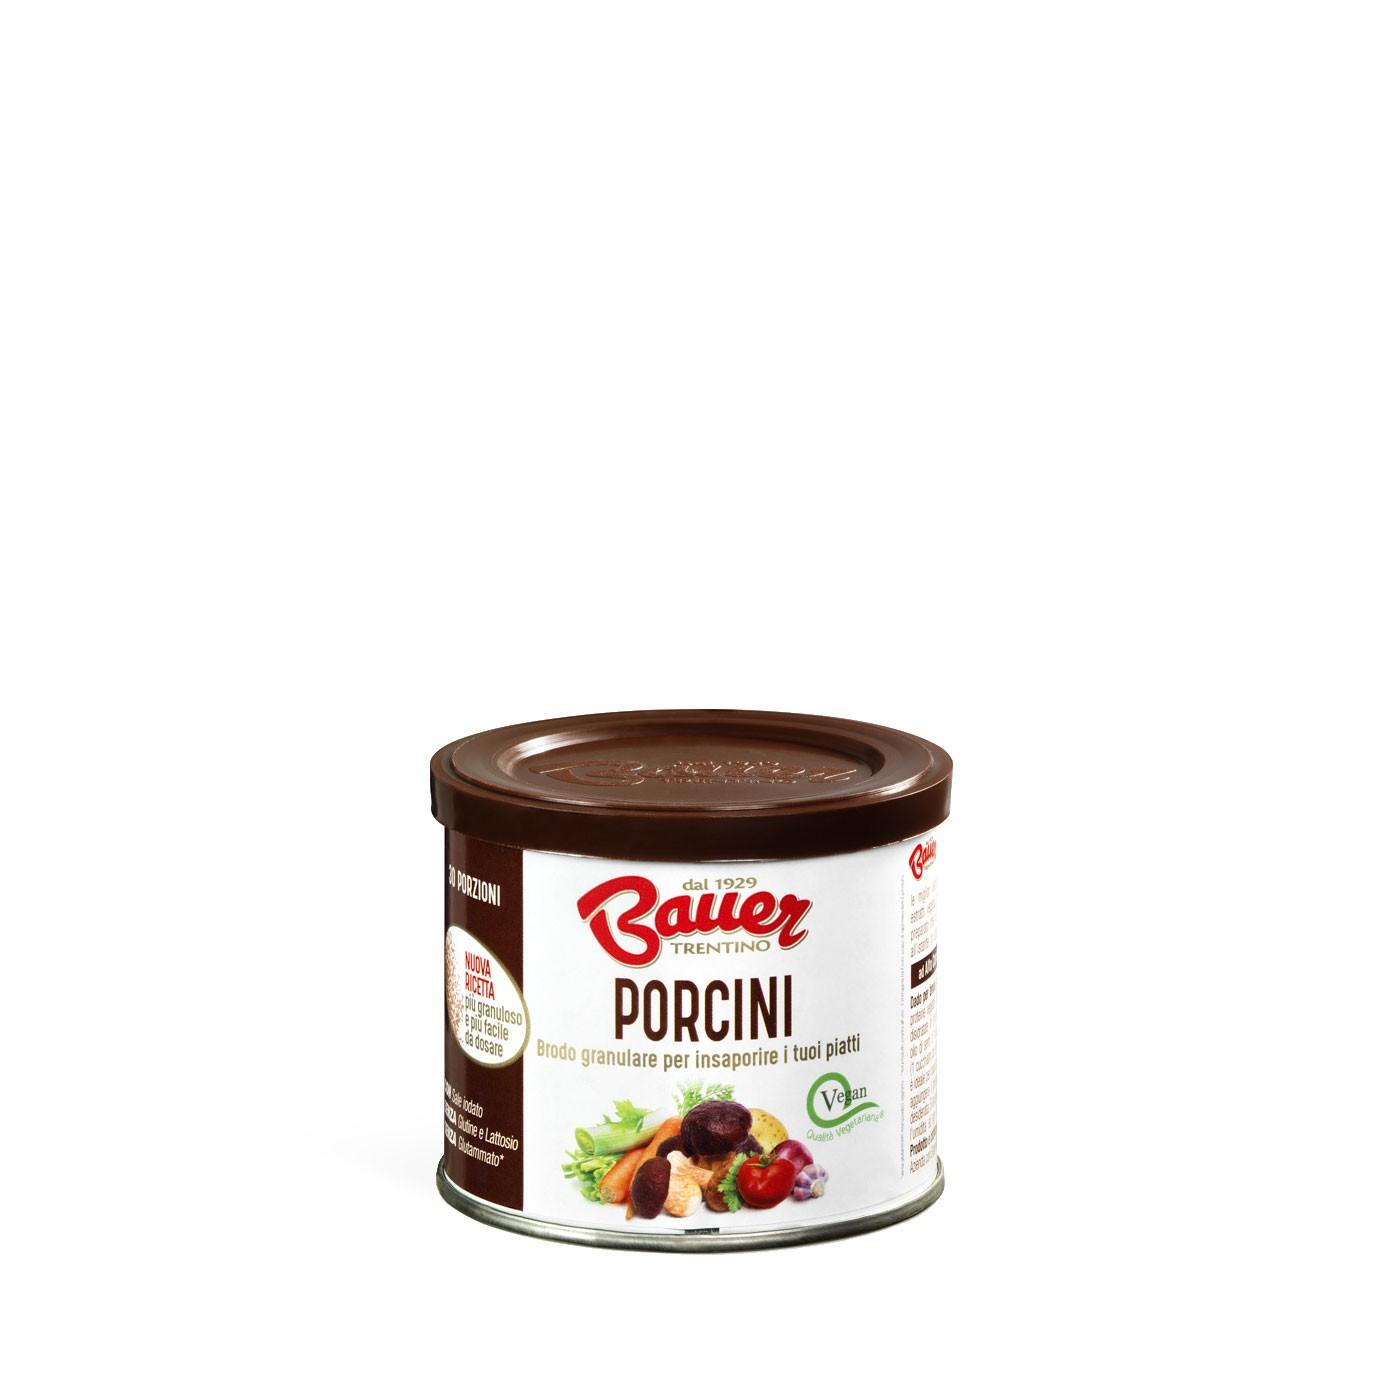 Porcini Bouillion Instant Granual Stock 4.23 oz